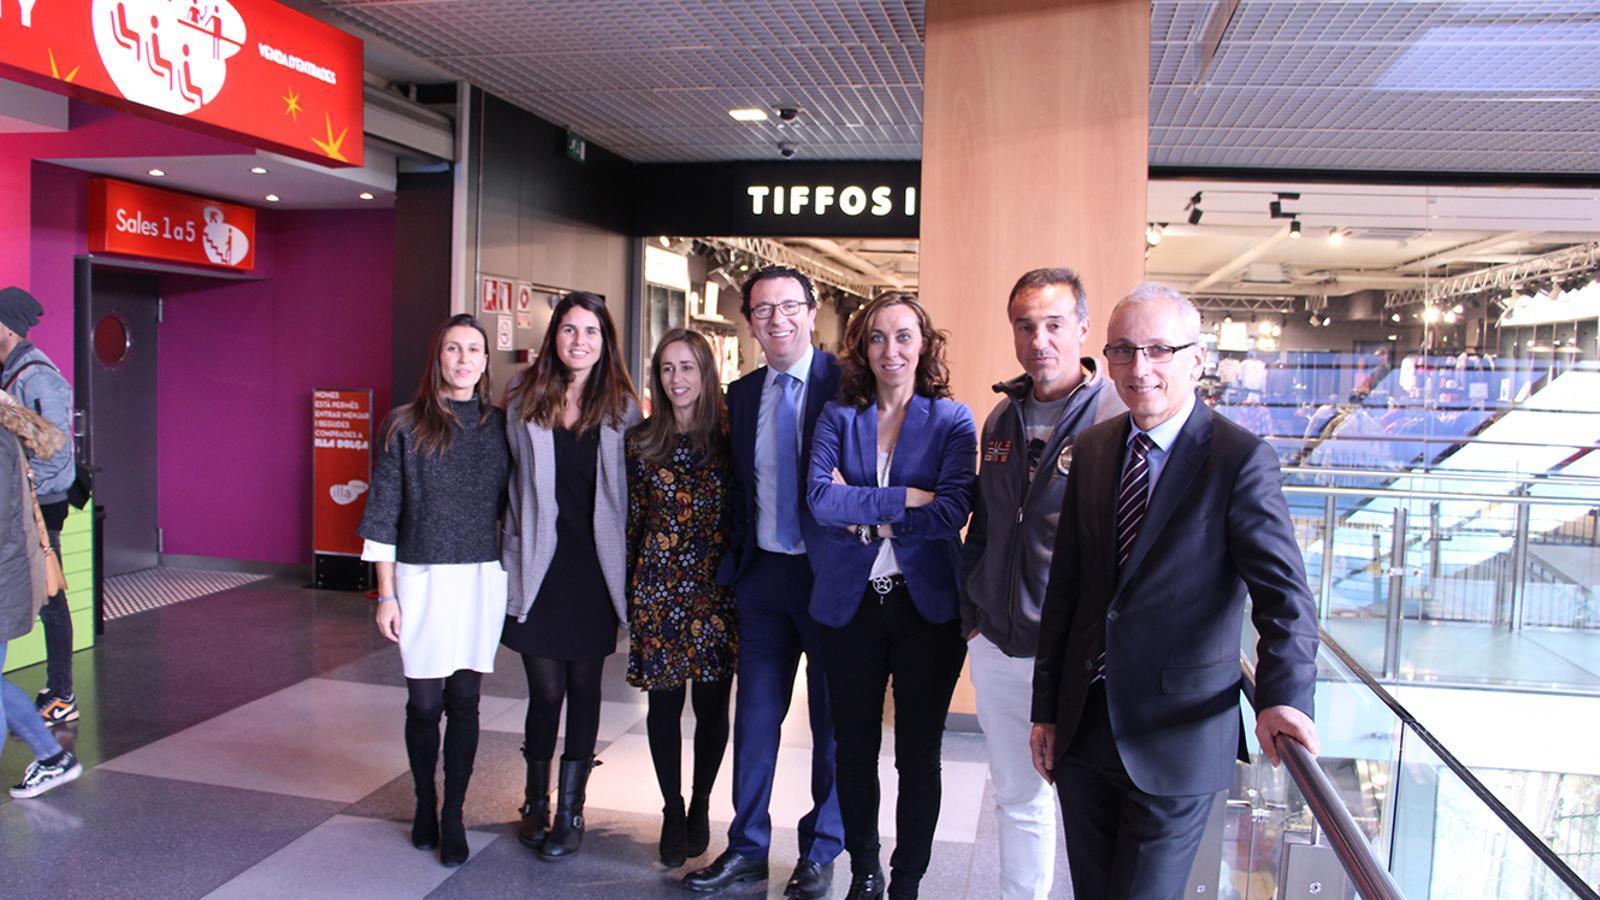 Part de l'equip d'Andorra Turisme amb el ministre, Francesc Camp, el gerent d'Andorra Turisme, Betim Budzaku i el realitzador de l'espot, Camil Roca, després de la presentació de la campanya d'hivern.